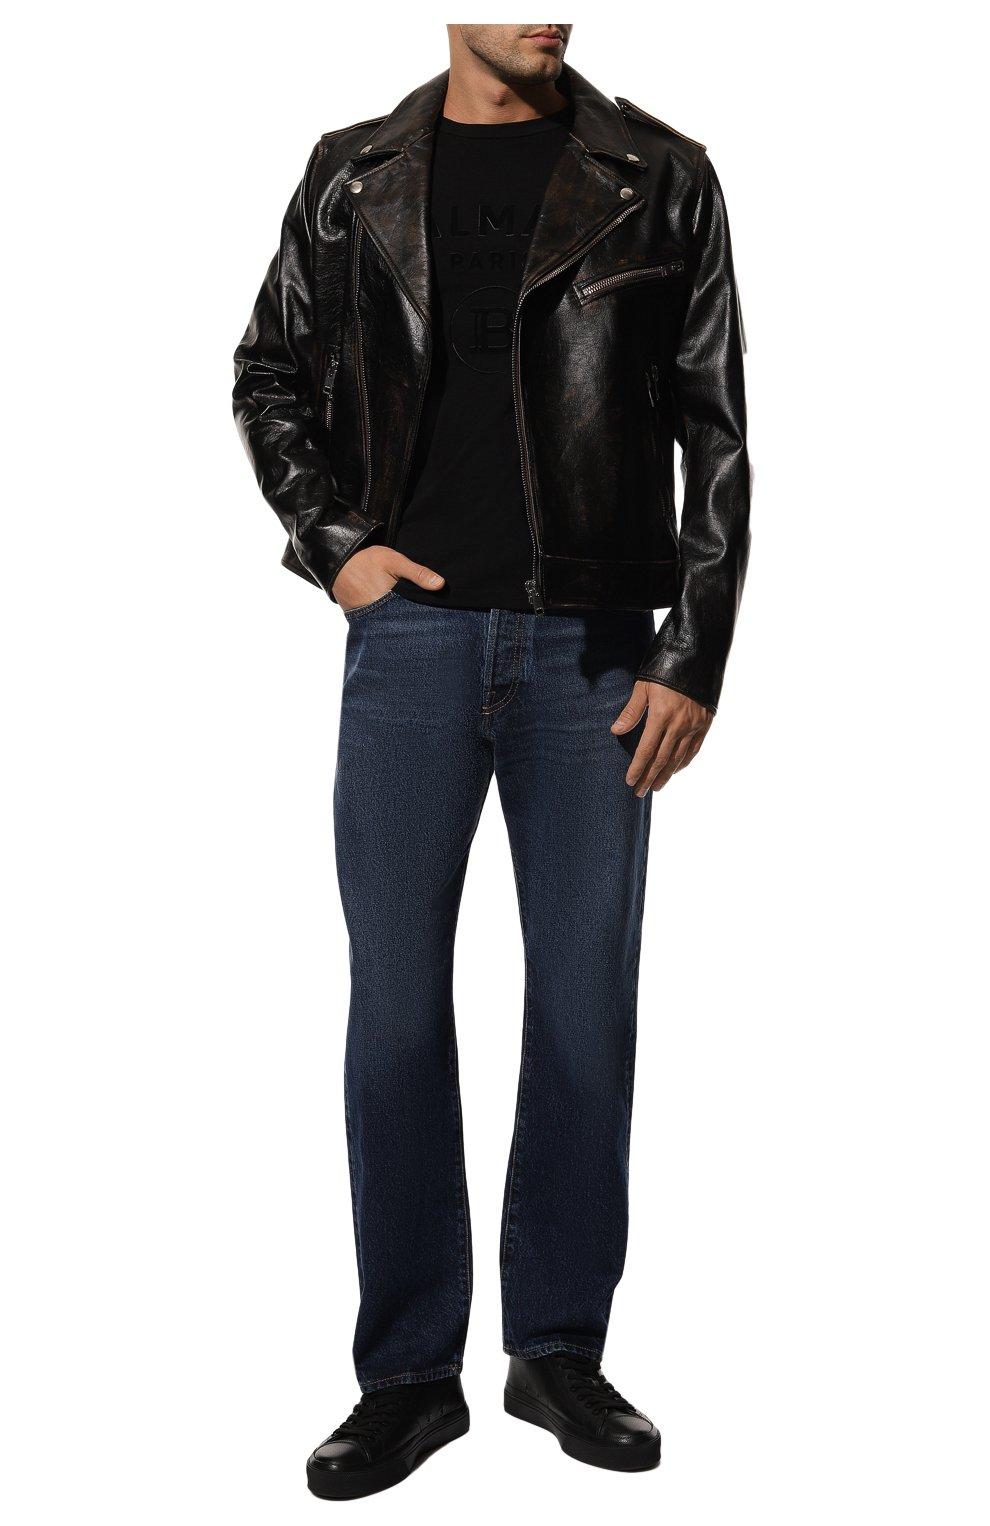 Мужская хлопковая футболка BALMAIN черного цвета, арт. UH11601/I374 | Фото 2 (Рукава: Короткие; Длина (для топов): Стандартные; Принт: С принтом; Мужское Кросс-КТ: Футболка-одежда; Материал внешний: Хлопок; Стили: Кэжуэл)